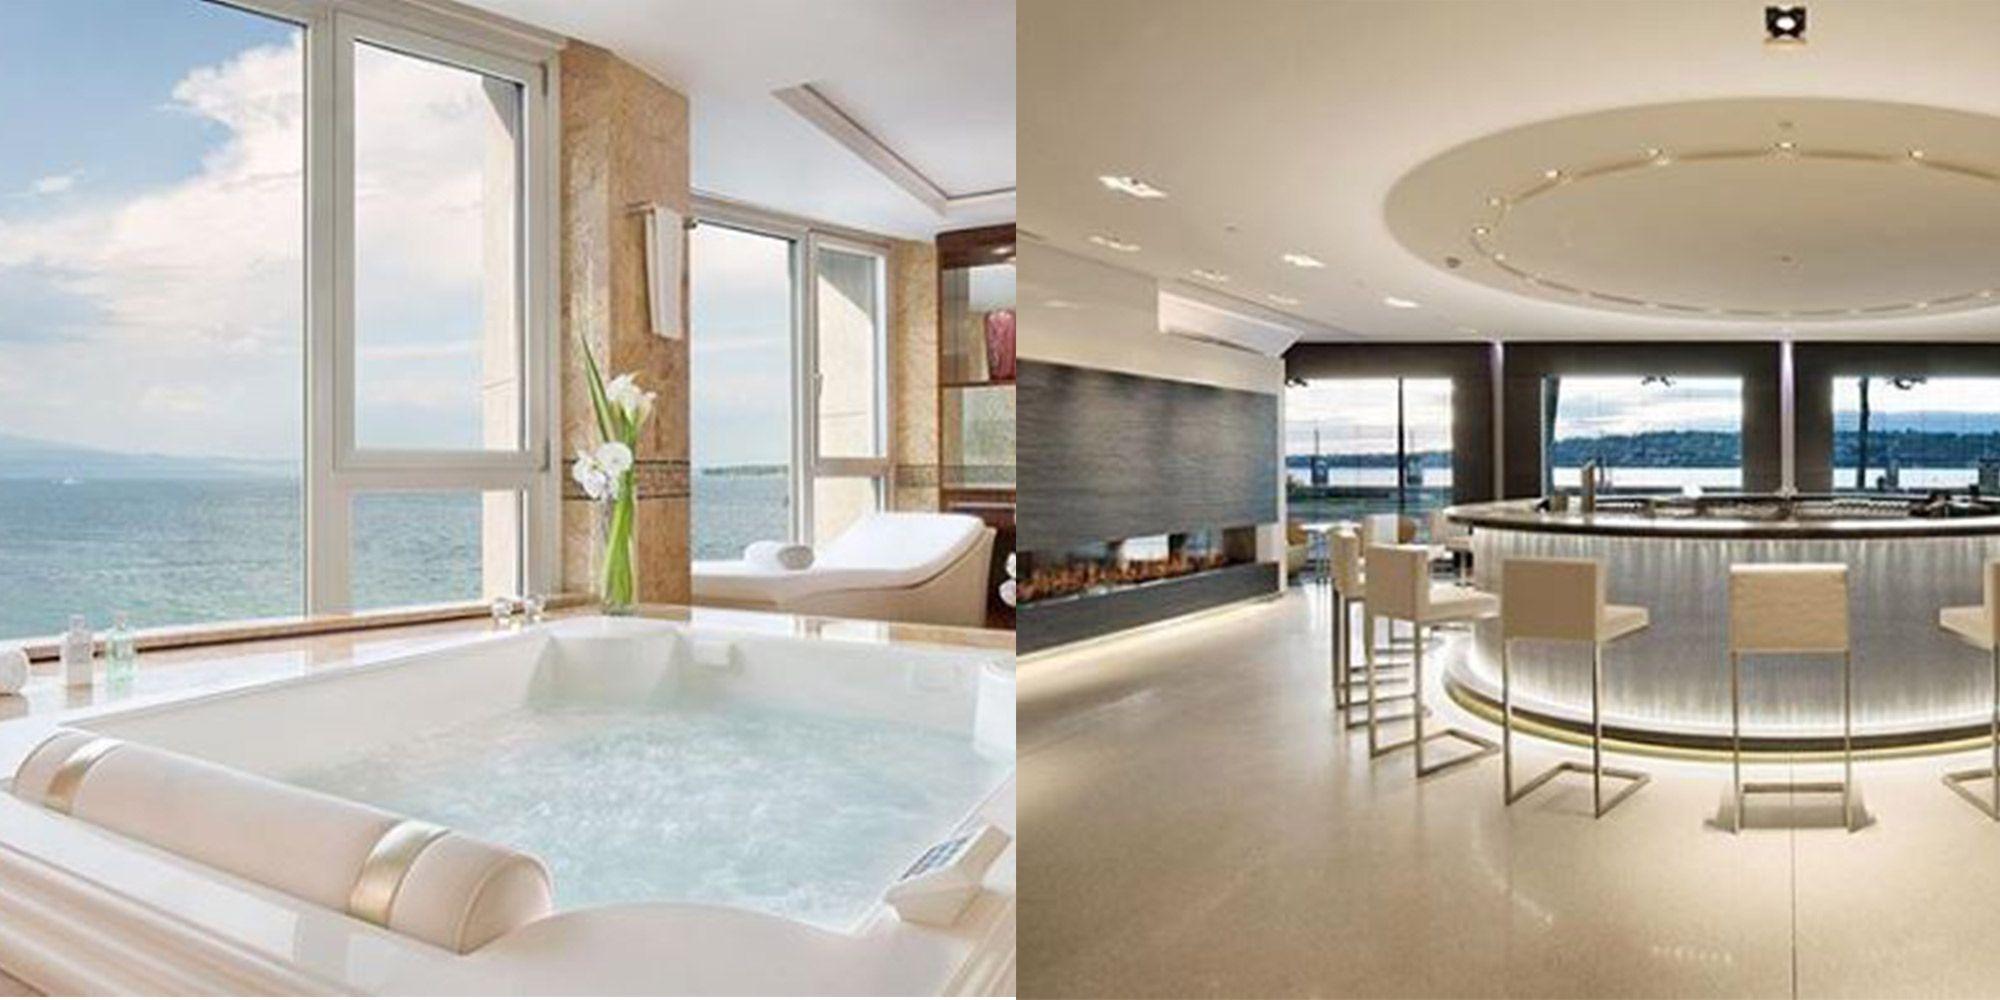 Camere Da Letto Piu Belle Del Mondo sai dove si trova l'hotel più lussuoso al mondo? (ha una